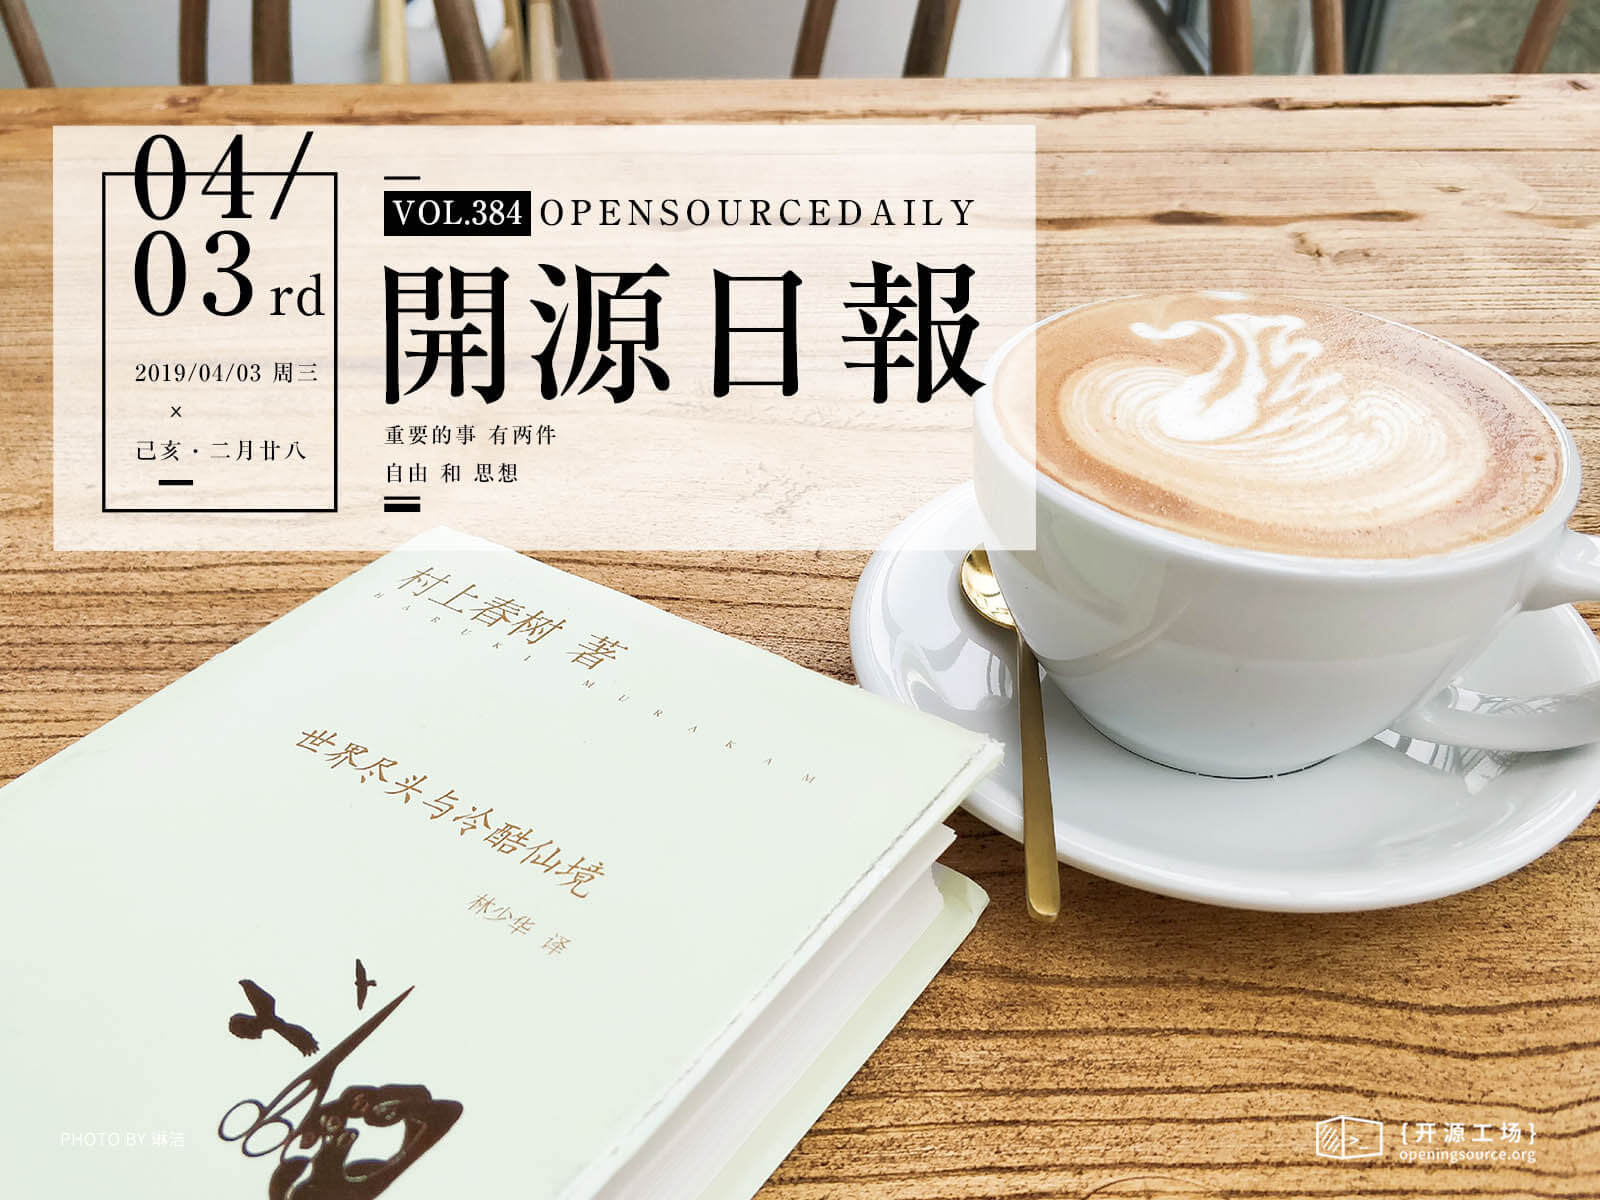 开源日报第384期:《中国风 zhui》